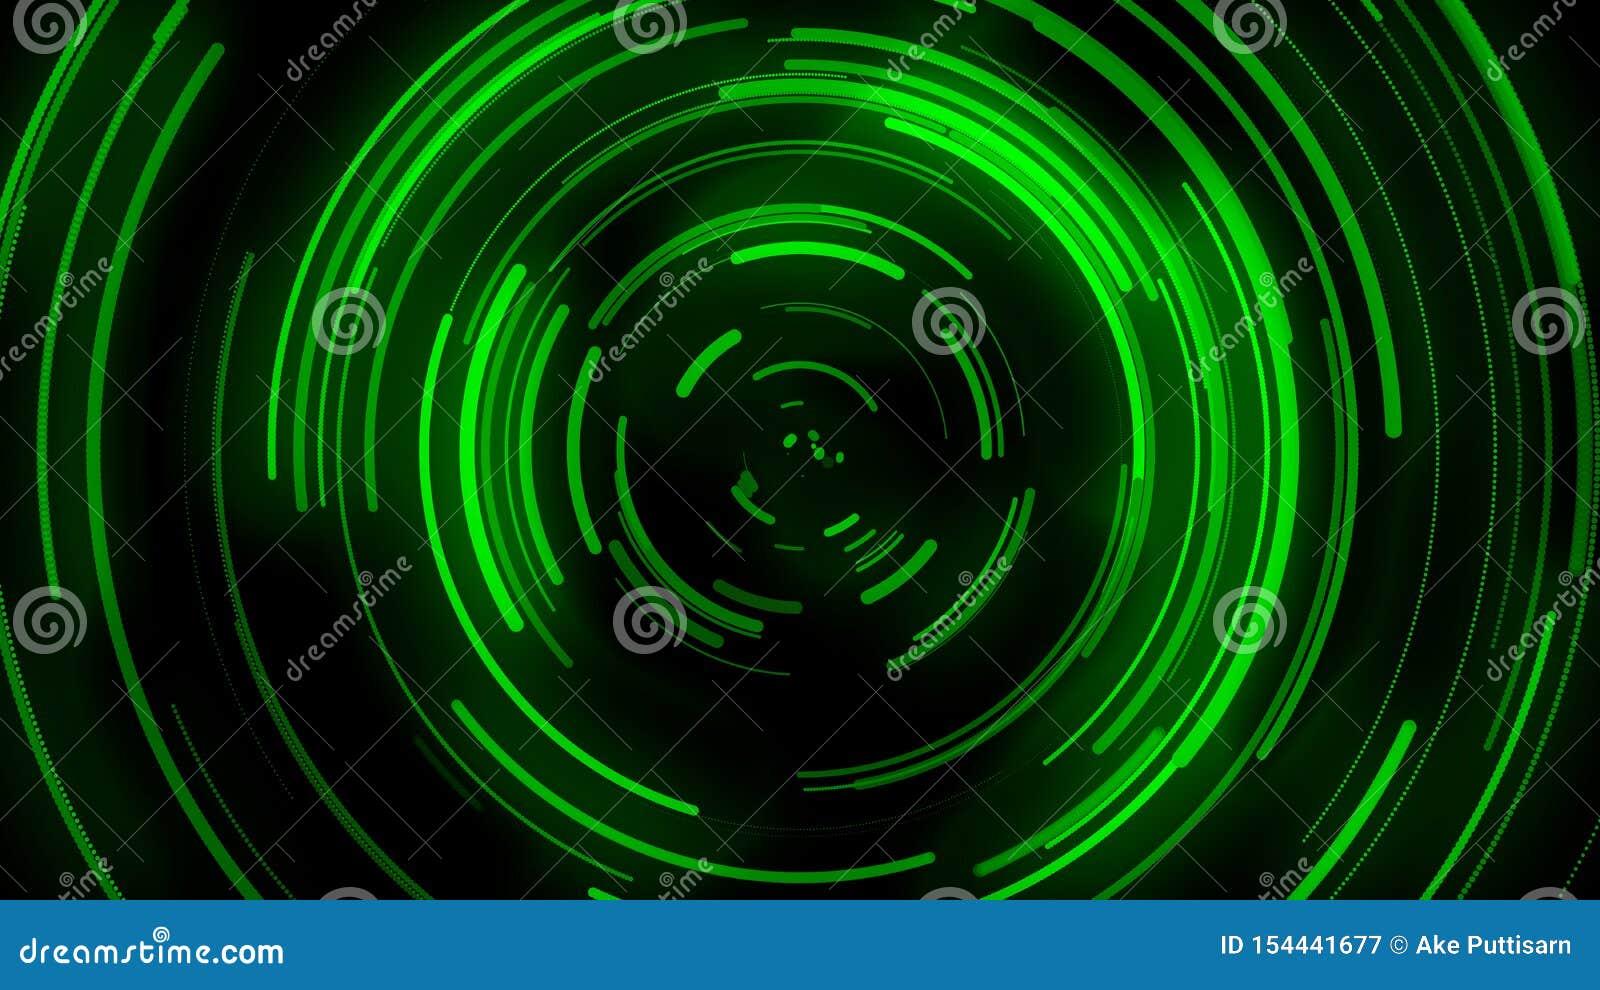 3D ha animato il fondo, il movimento della curva verde, la curva si distribuisce, trasmissione del segnale, immagine di straripam